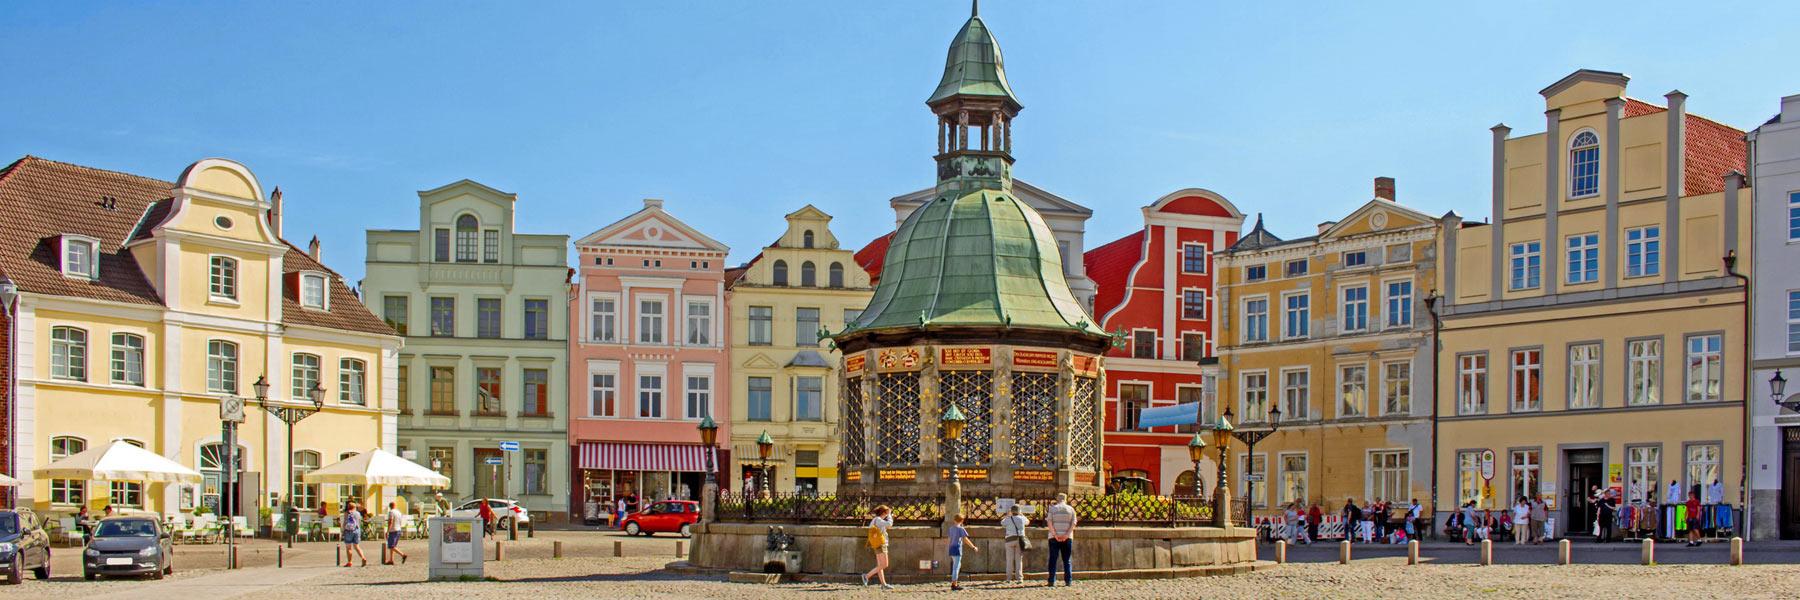 Wasserkunst - Hansestadt Wismar